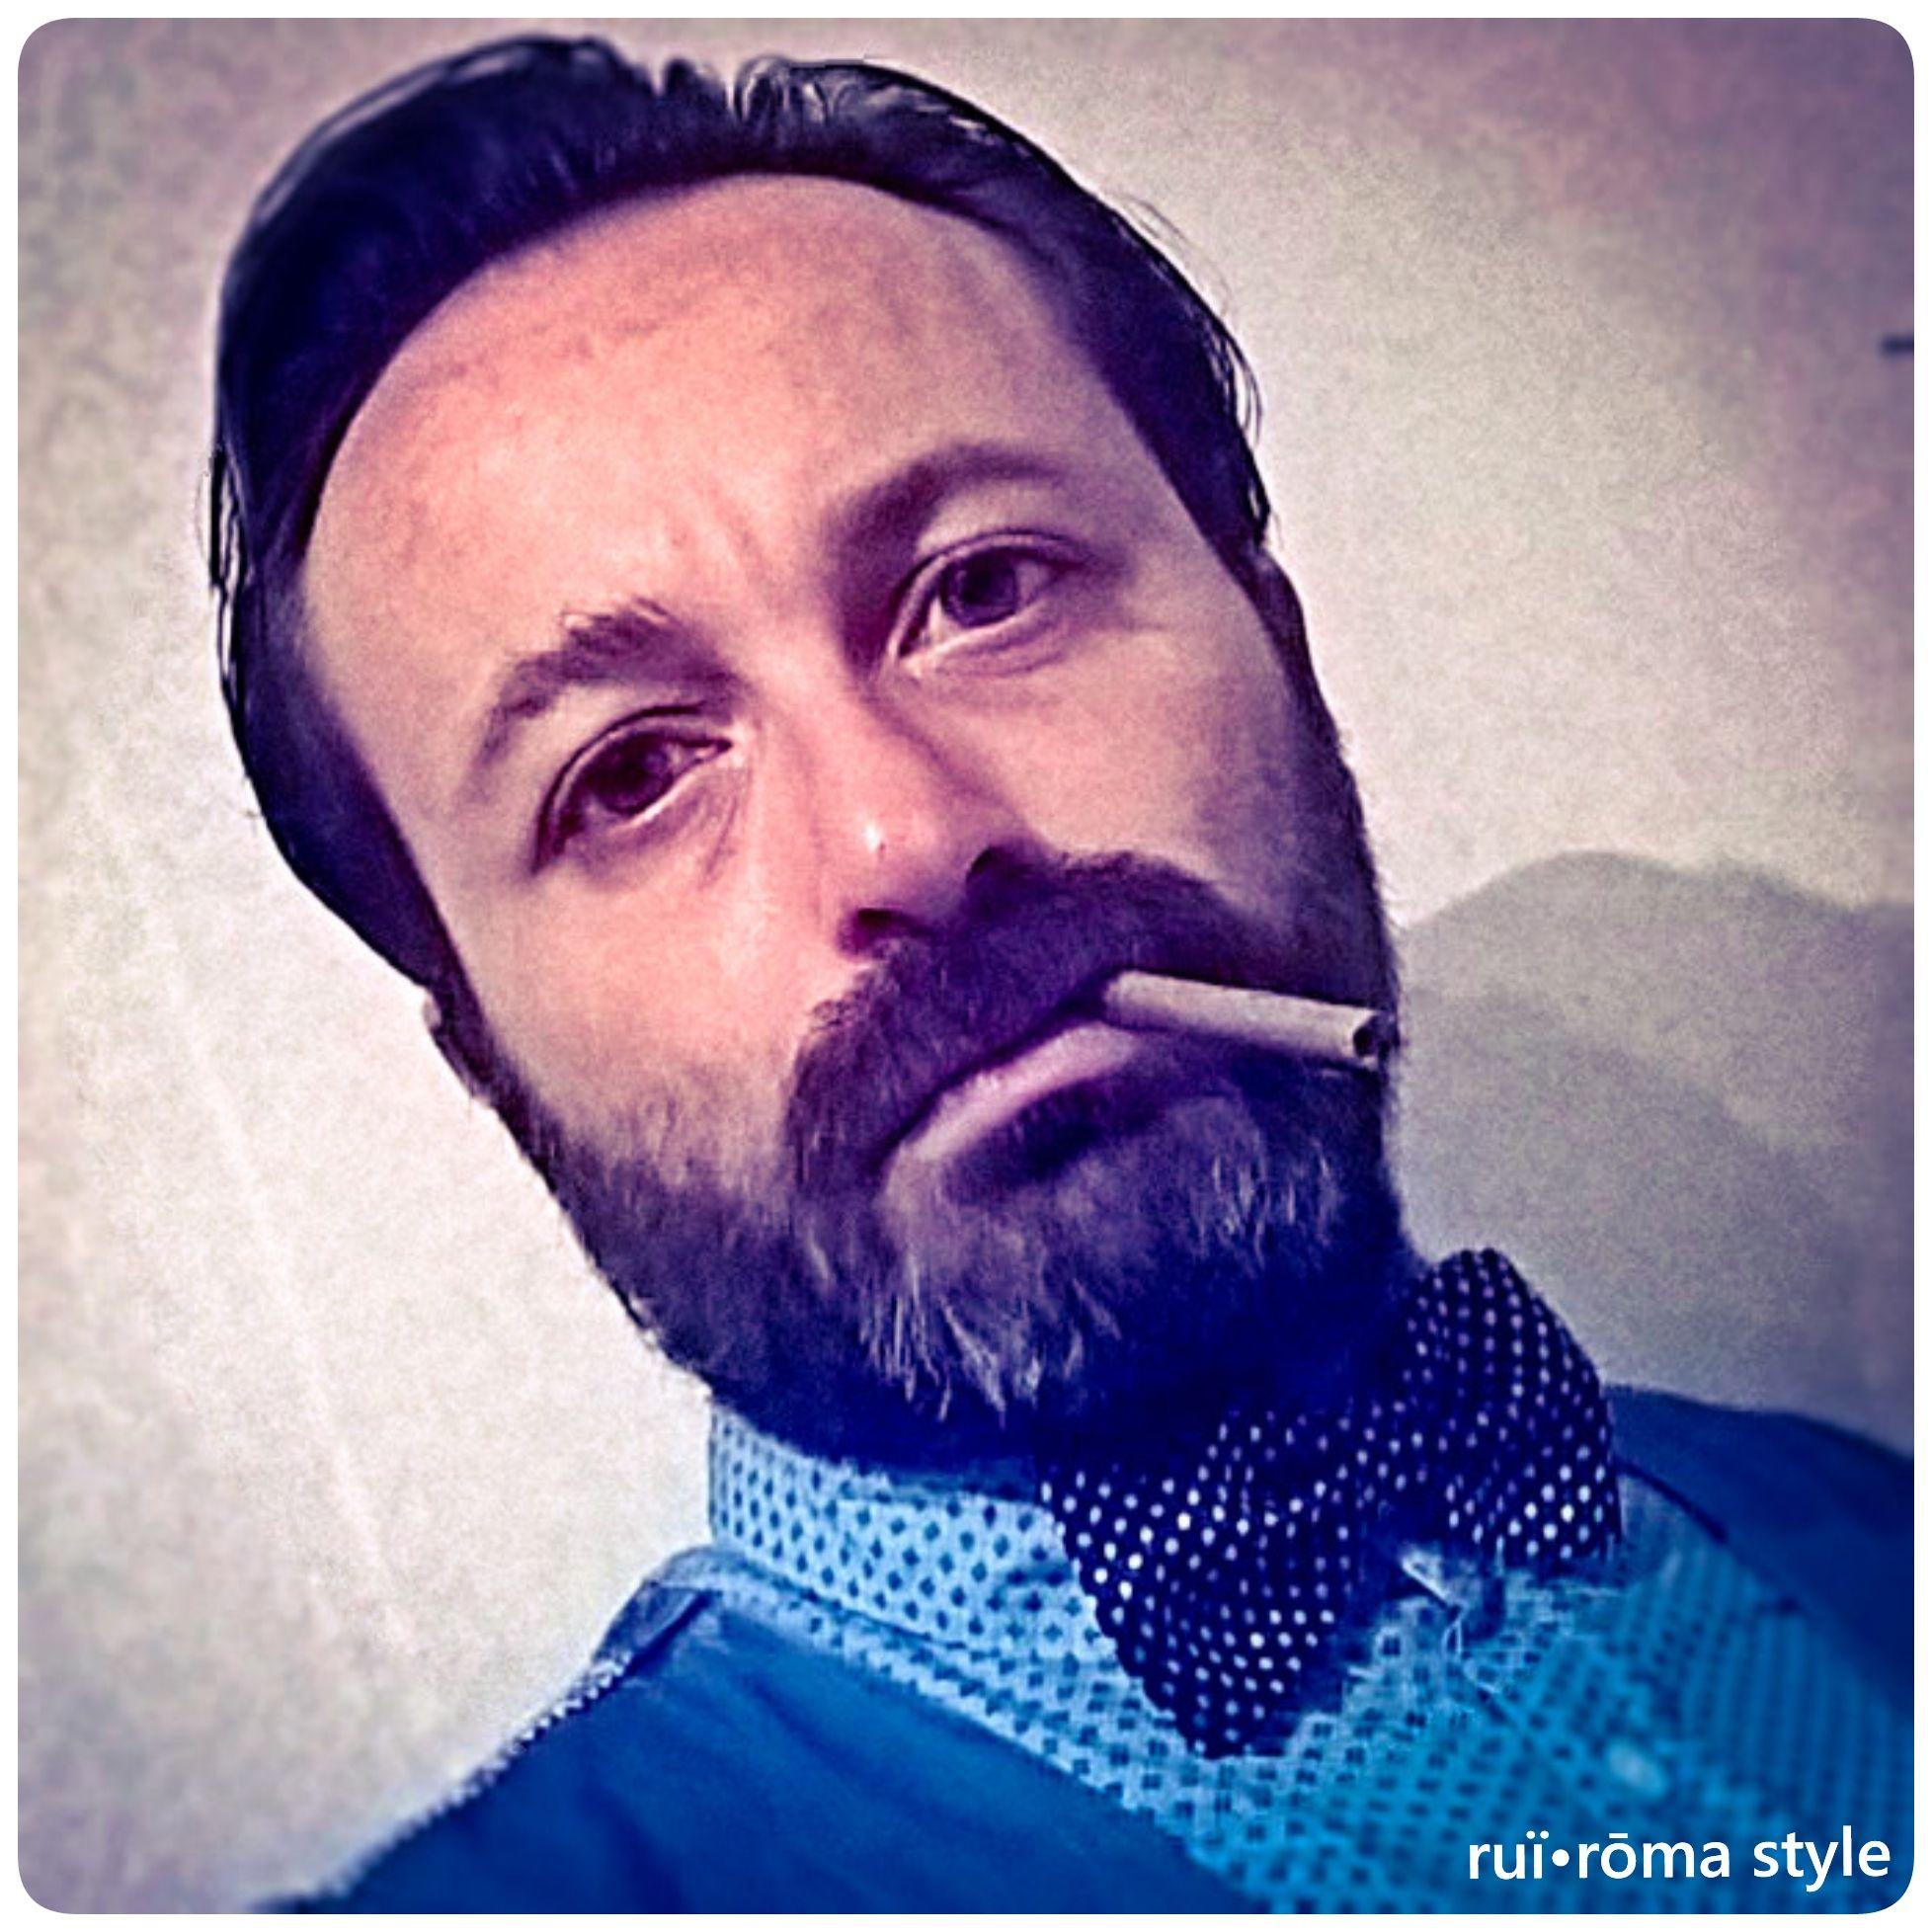 Io non obbedisco se non alle leggi di quello stile a cui, per attuare un mio concetto di ordine e di bellezza, ho assoggettato la mia natura libera.[G. D'Annunzio] #ruiroma #style #fashion #class #man #cool #design #kult #Naples #papillon #madeinitaly #Italy #brusciano #italianstyle #cigars #sigaro #sartorianapoletana #stilenapoletano #italian #lifestyle #modauomo #gentleman #dandy #elegance